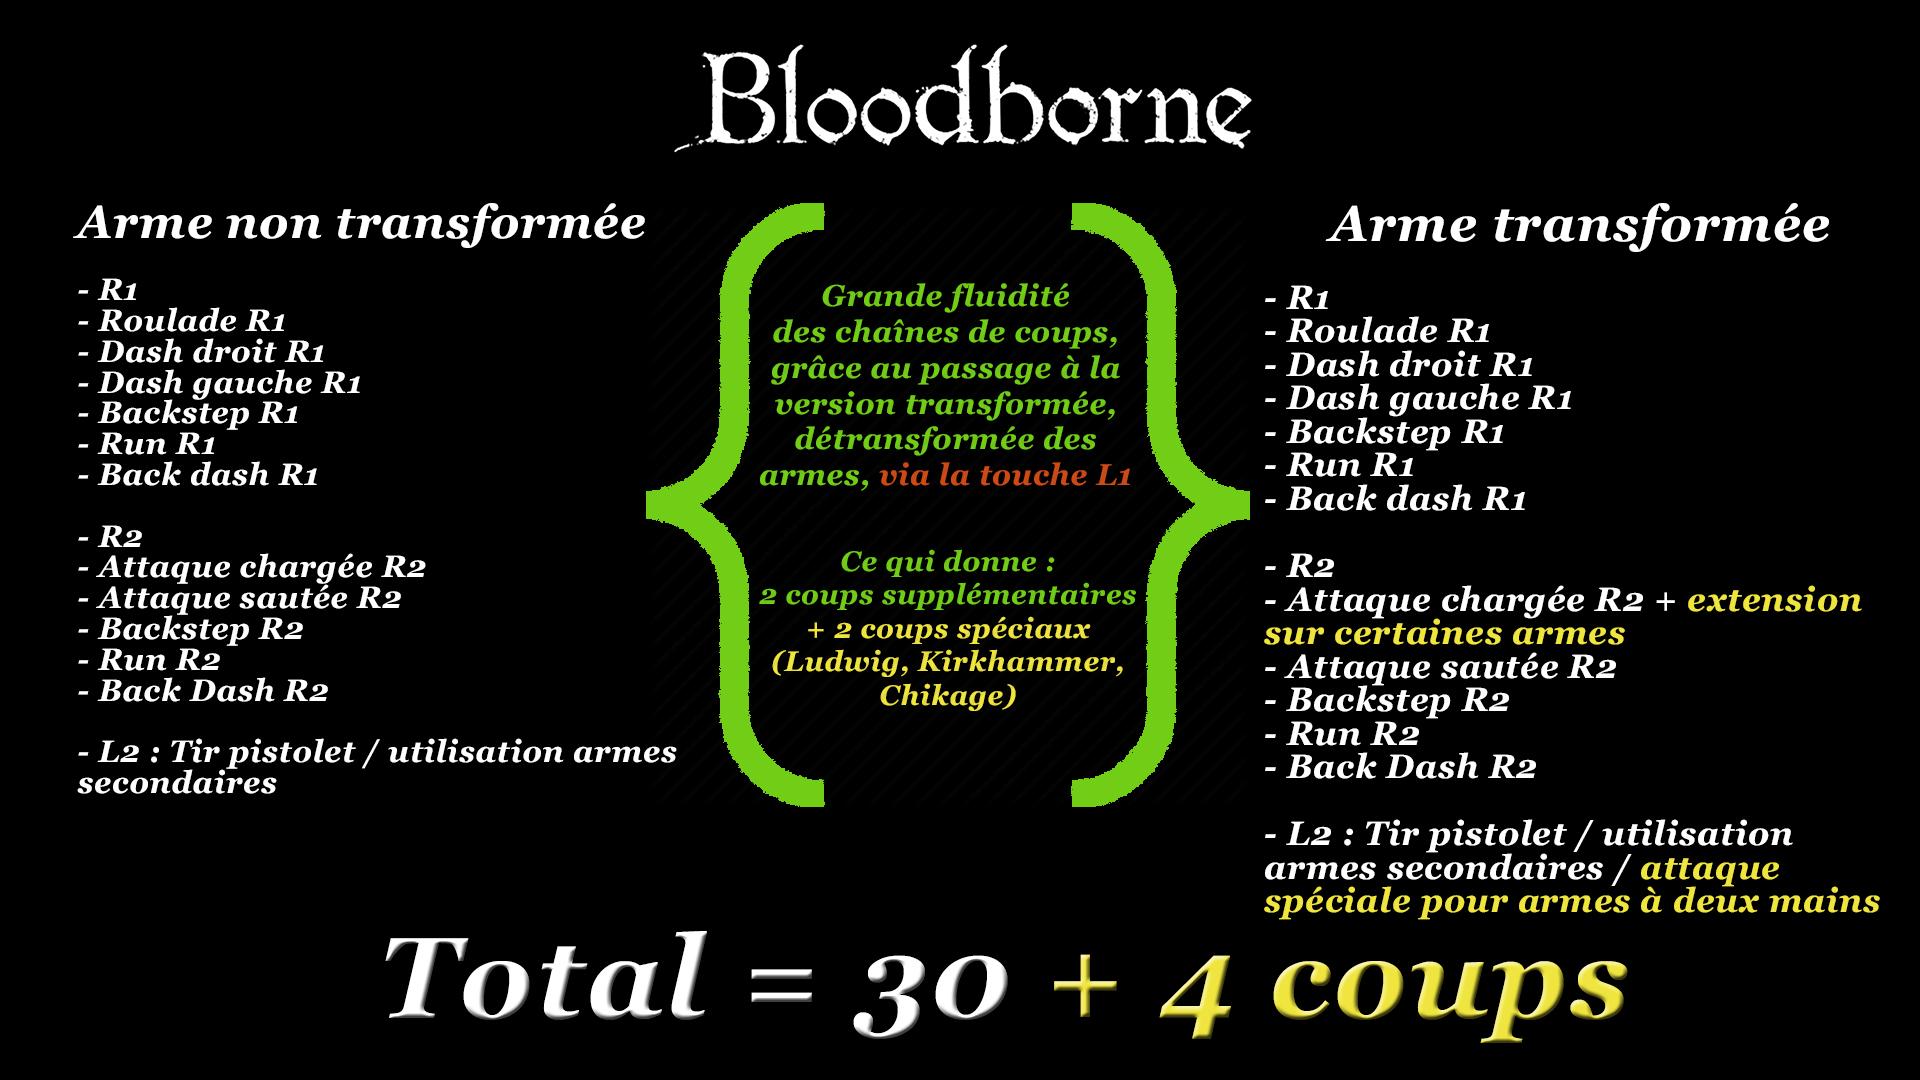 Les armes de Bloodborne peuvent compter jusqu'à 34 coups ! Utilisez-les pour faire face à toutes les situations.